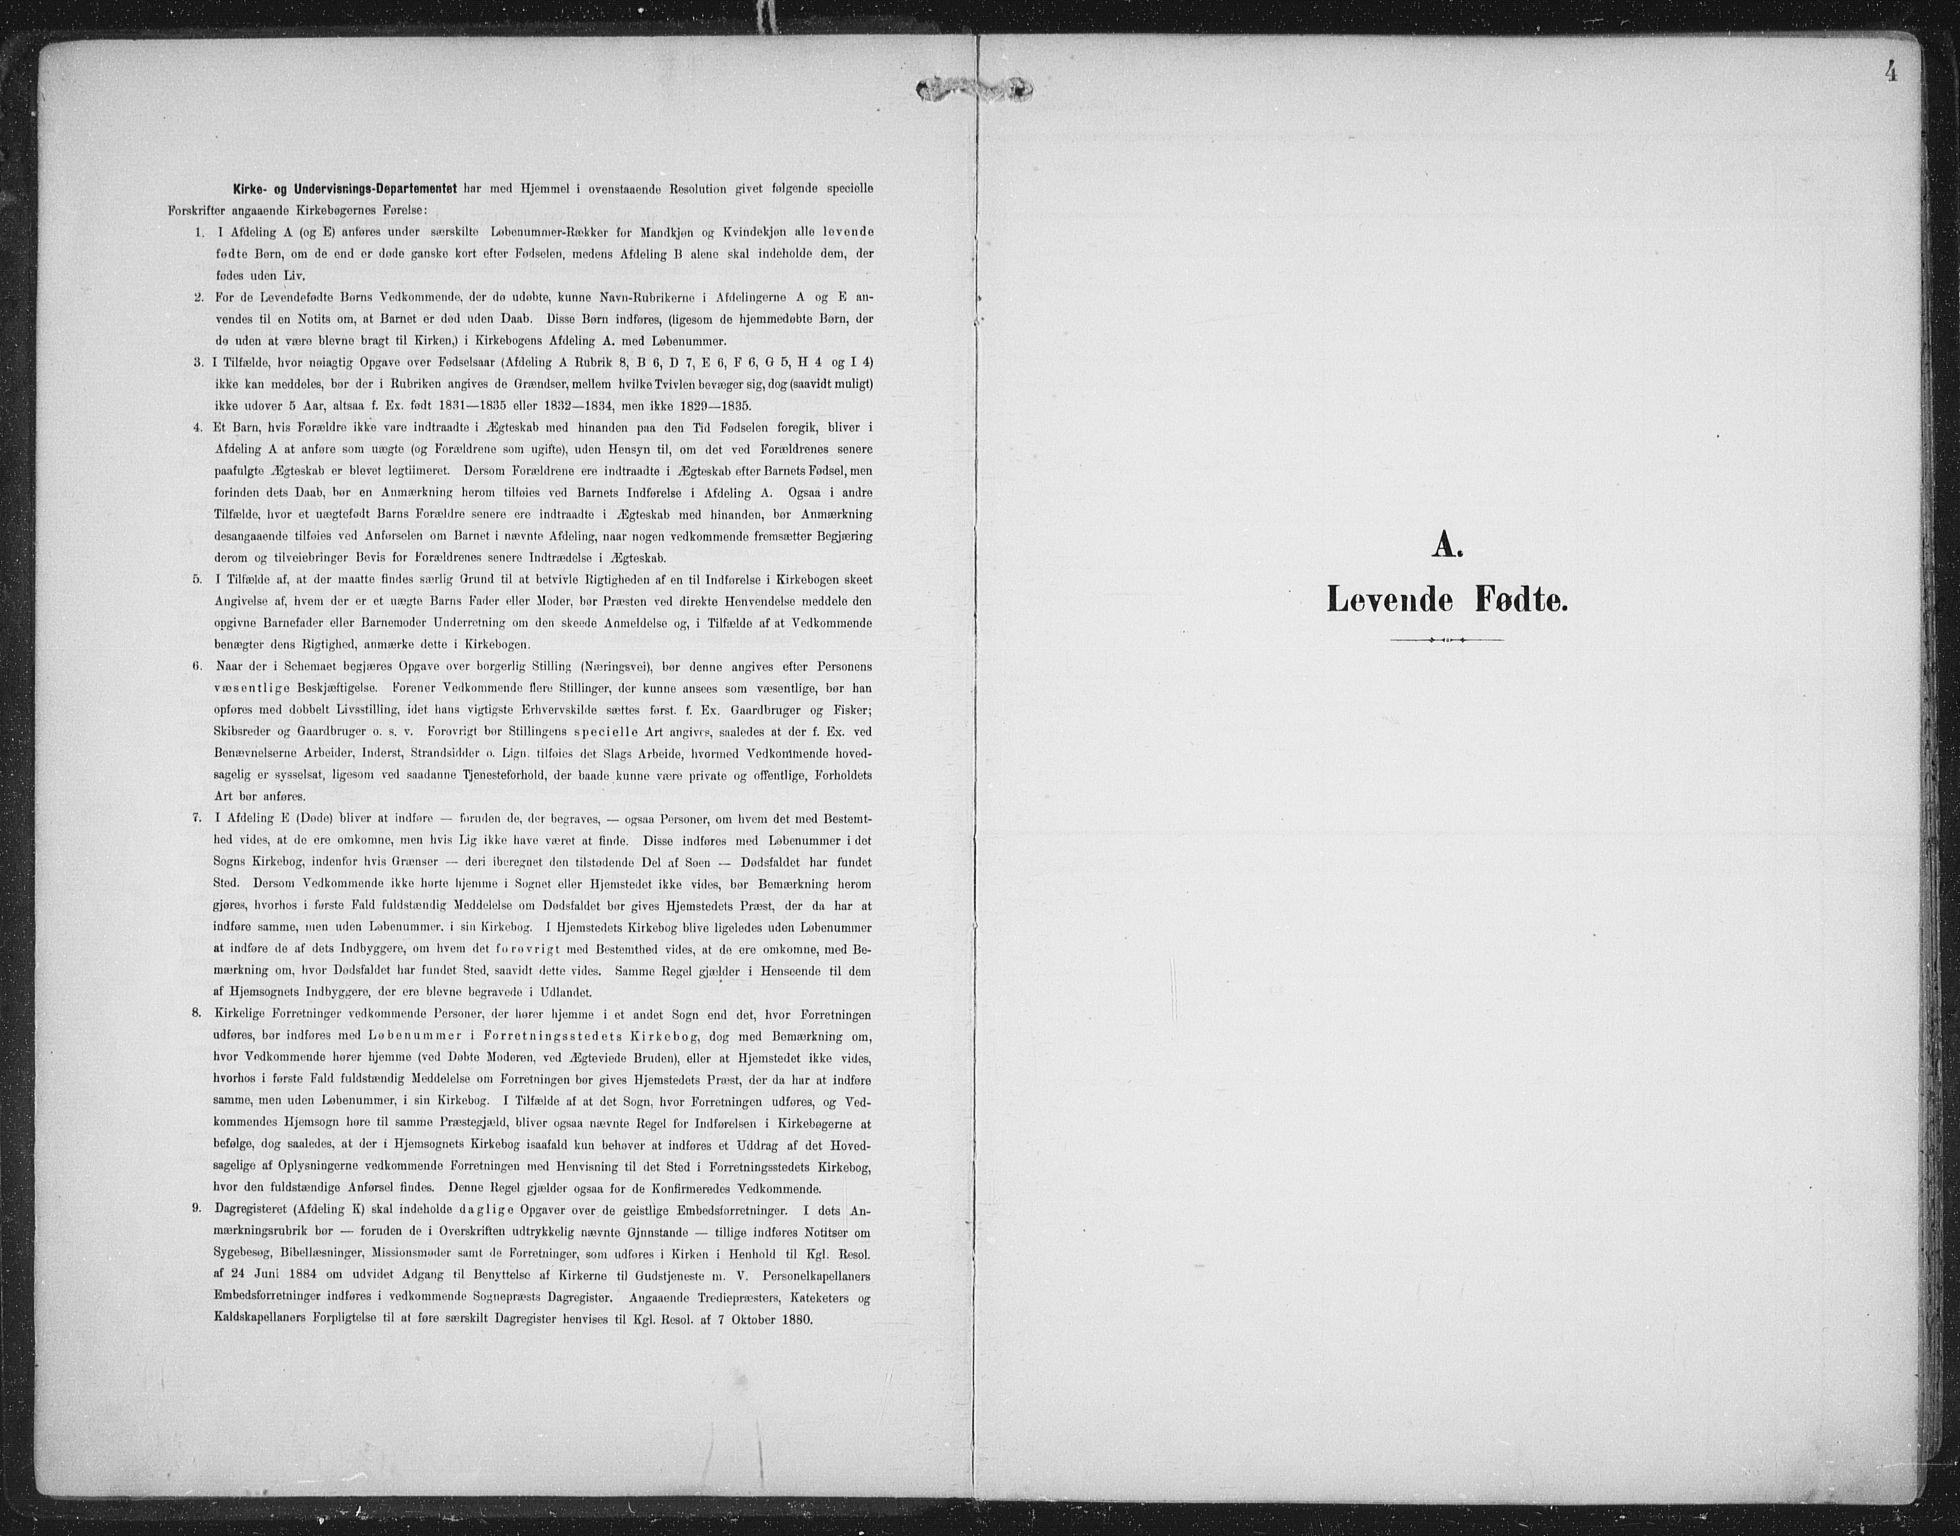 SAT, Ministerialprotokoller, klokkerbøker og fødselsregistre - Nord-Trøndelag, 701/L0011: Parish register (official) no. 701A11, 1899-1915, p. 4